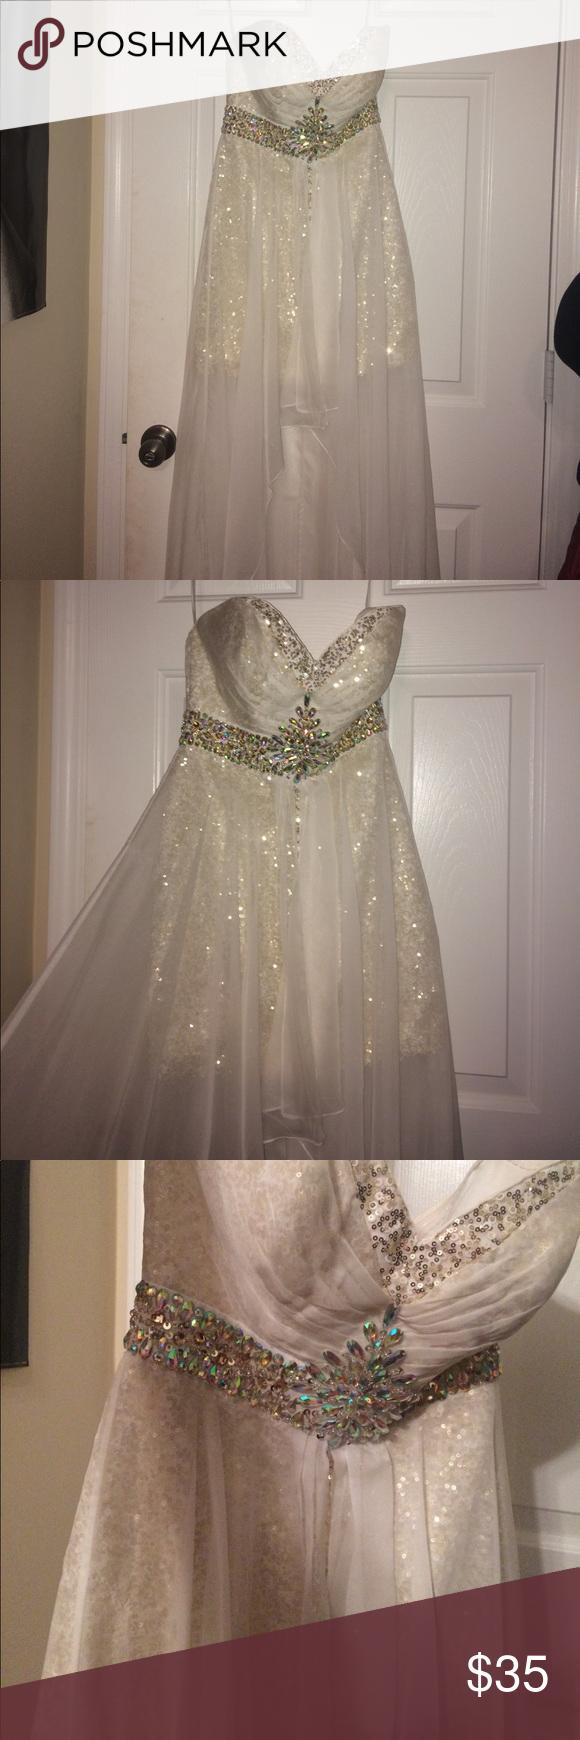 White glitter prom dress pinterest glitter prom dresses white